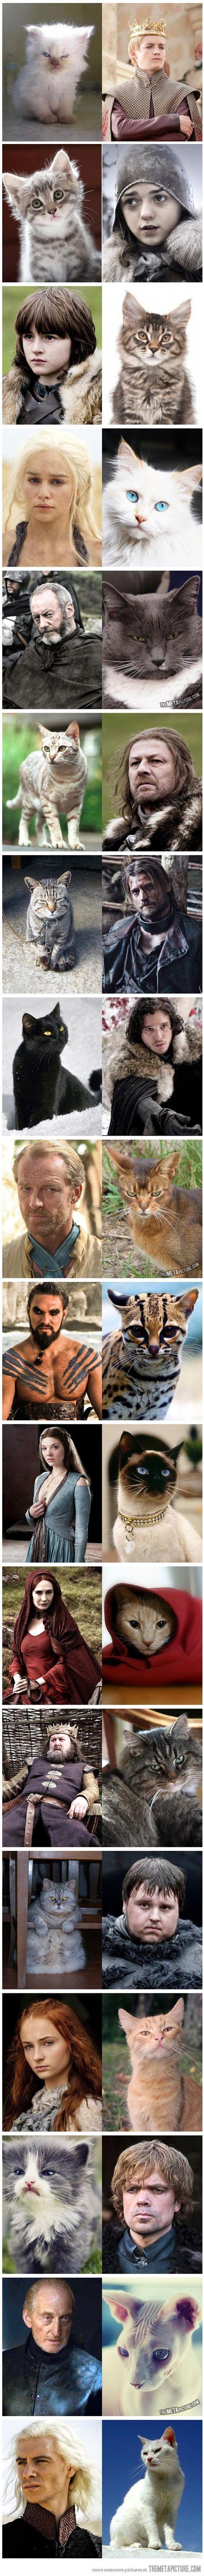 Los personajes de Juego de Tronos reemplazados por gatos #GameofThrones #frikifriday #juegodetronos